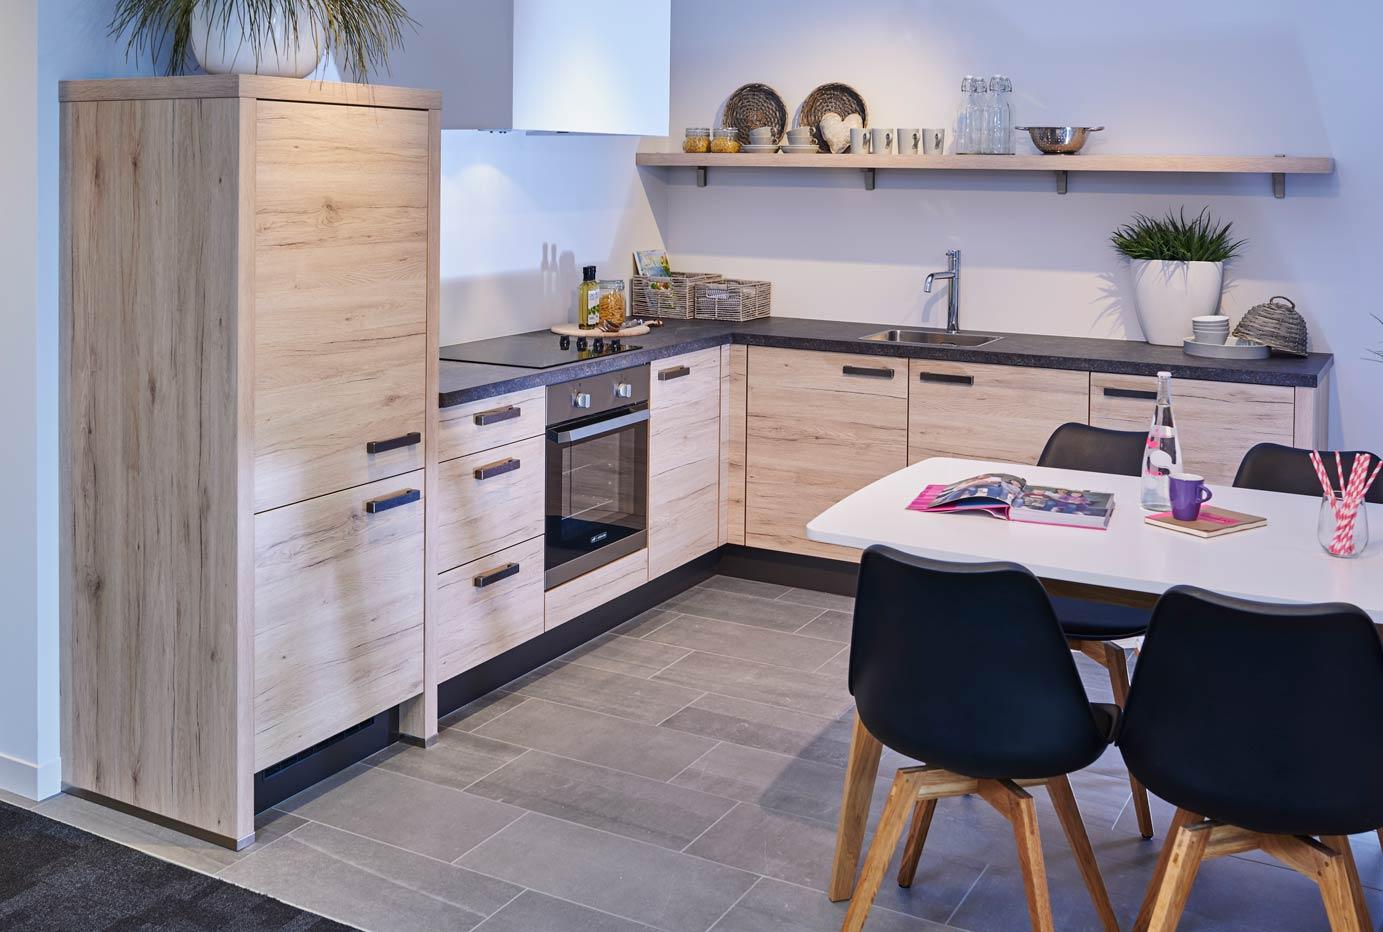 Vaak Kleine keuken: kookeiland of hoekkeuken? Bekijk de mogelijkheden  JS61